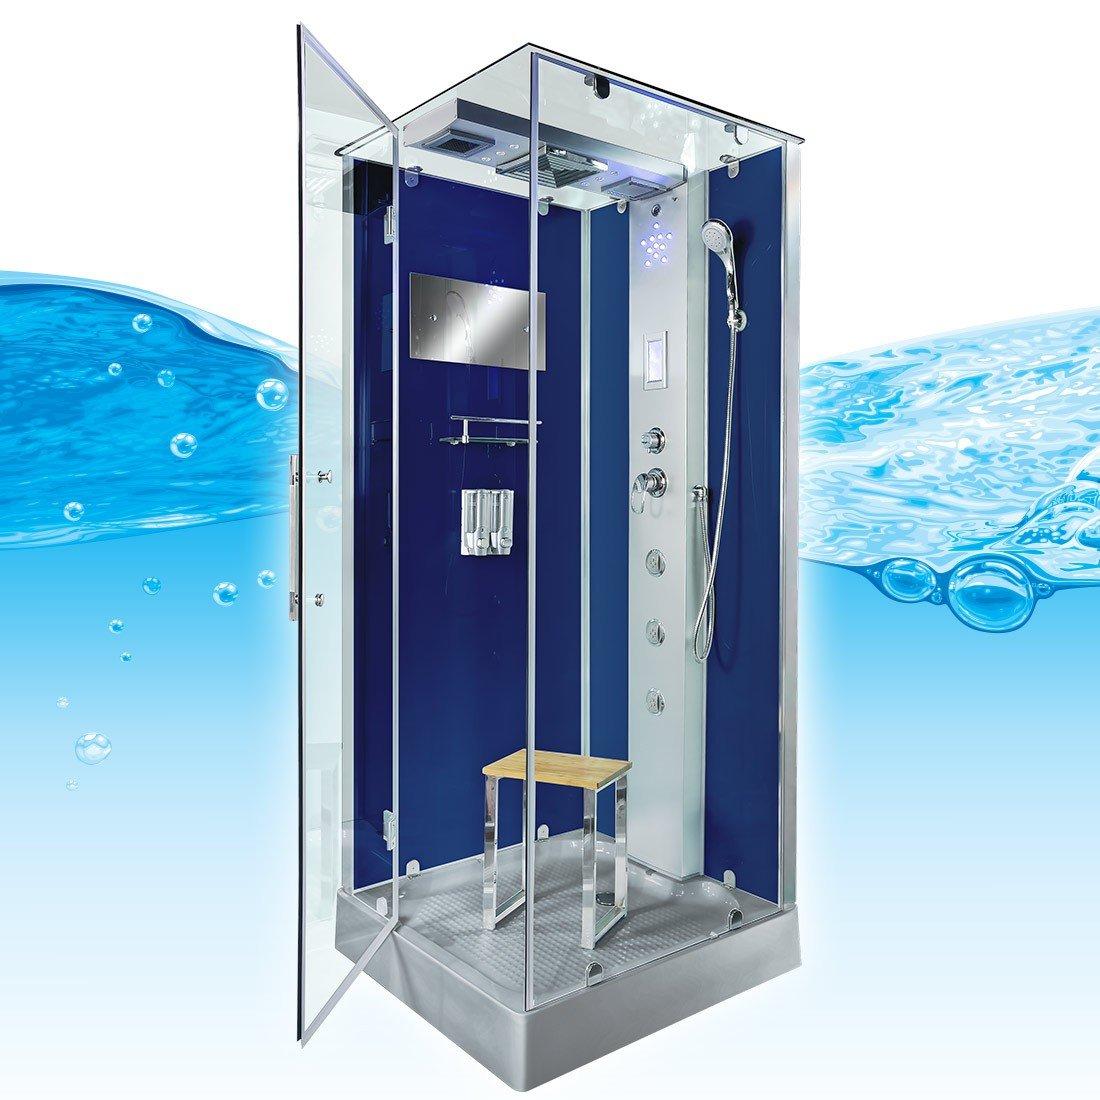 Full Size of Dusche 80x80 Duschtempel Geht Das Unterputz Koralle Siphon Bidet Sprinz Duschen Abfluss Badewanne Mit Ebenerdig Anal Begehbare Ebenerdige Einbauen Grohe Dusche Dusche 80x80